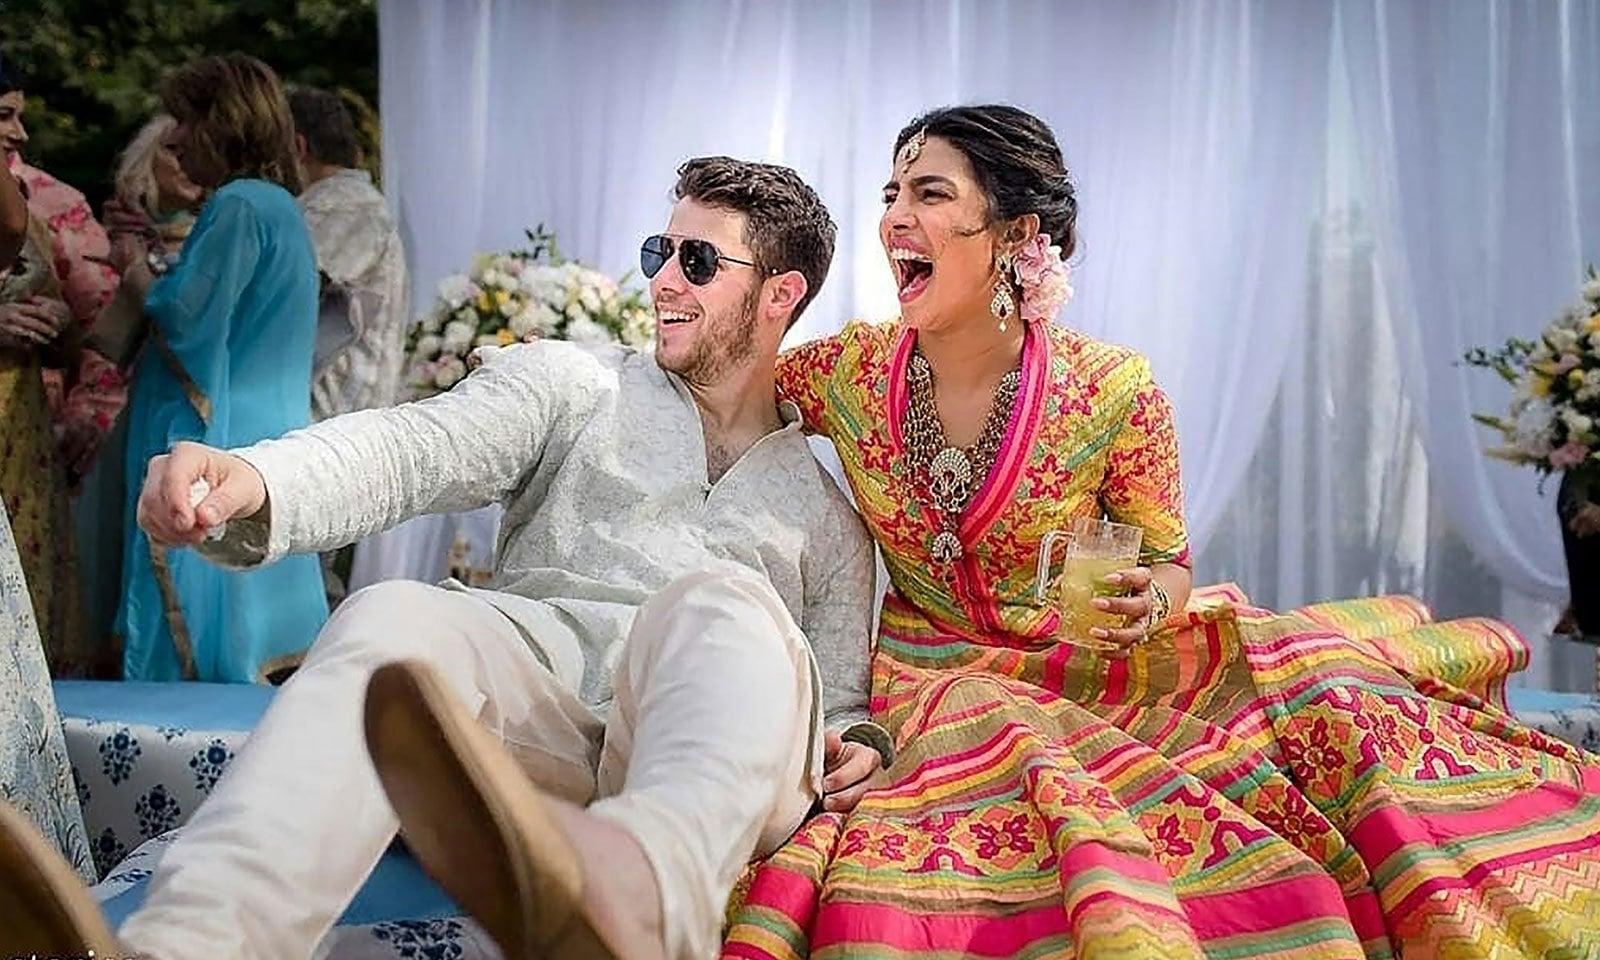 جوڑے کی شادی جودھ پور میں دھوم دھام سے ہوئی تھی—فوٹو: اے ایف پی